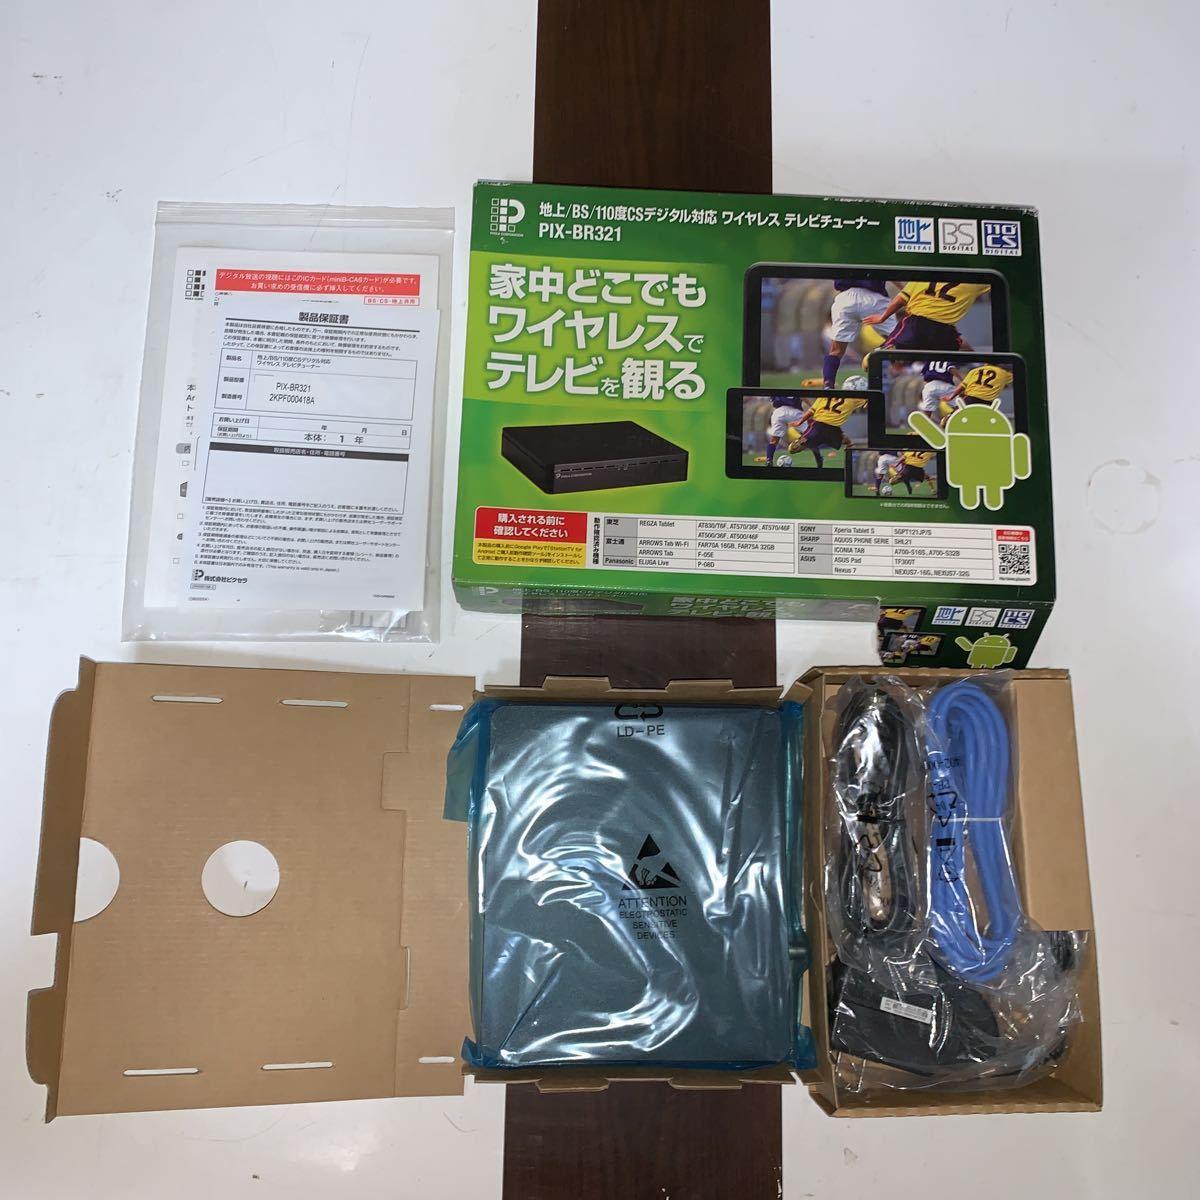 【未使用品】地上/BS/110度CSデジタル対応 ワイヤレステレビチューナー PIX-BR321